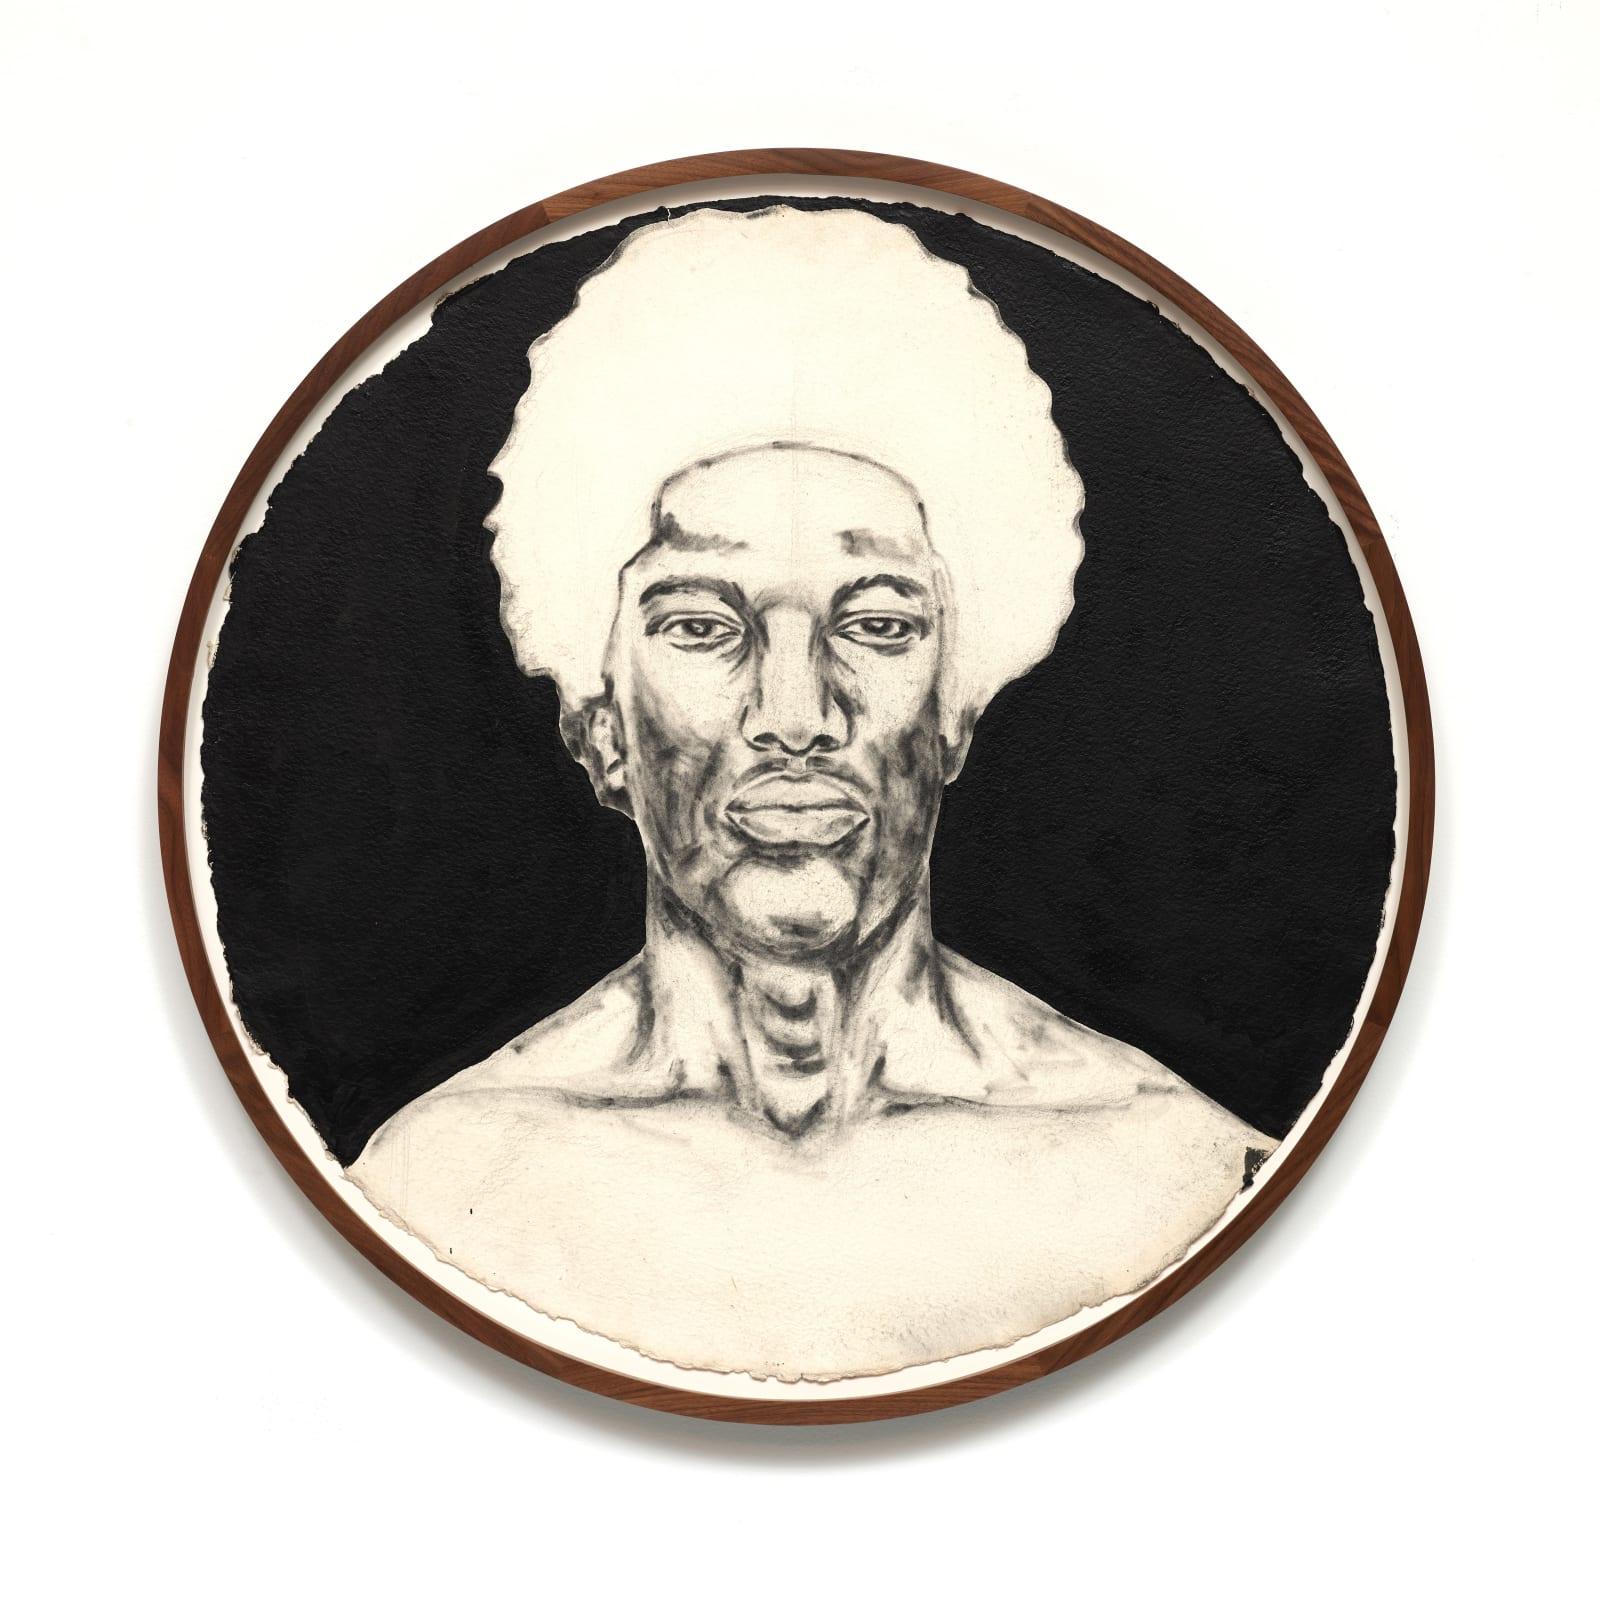 Serge Attukwei Clottey, Hair legacy V, 2020